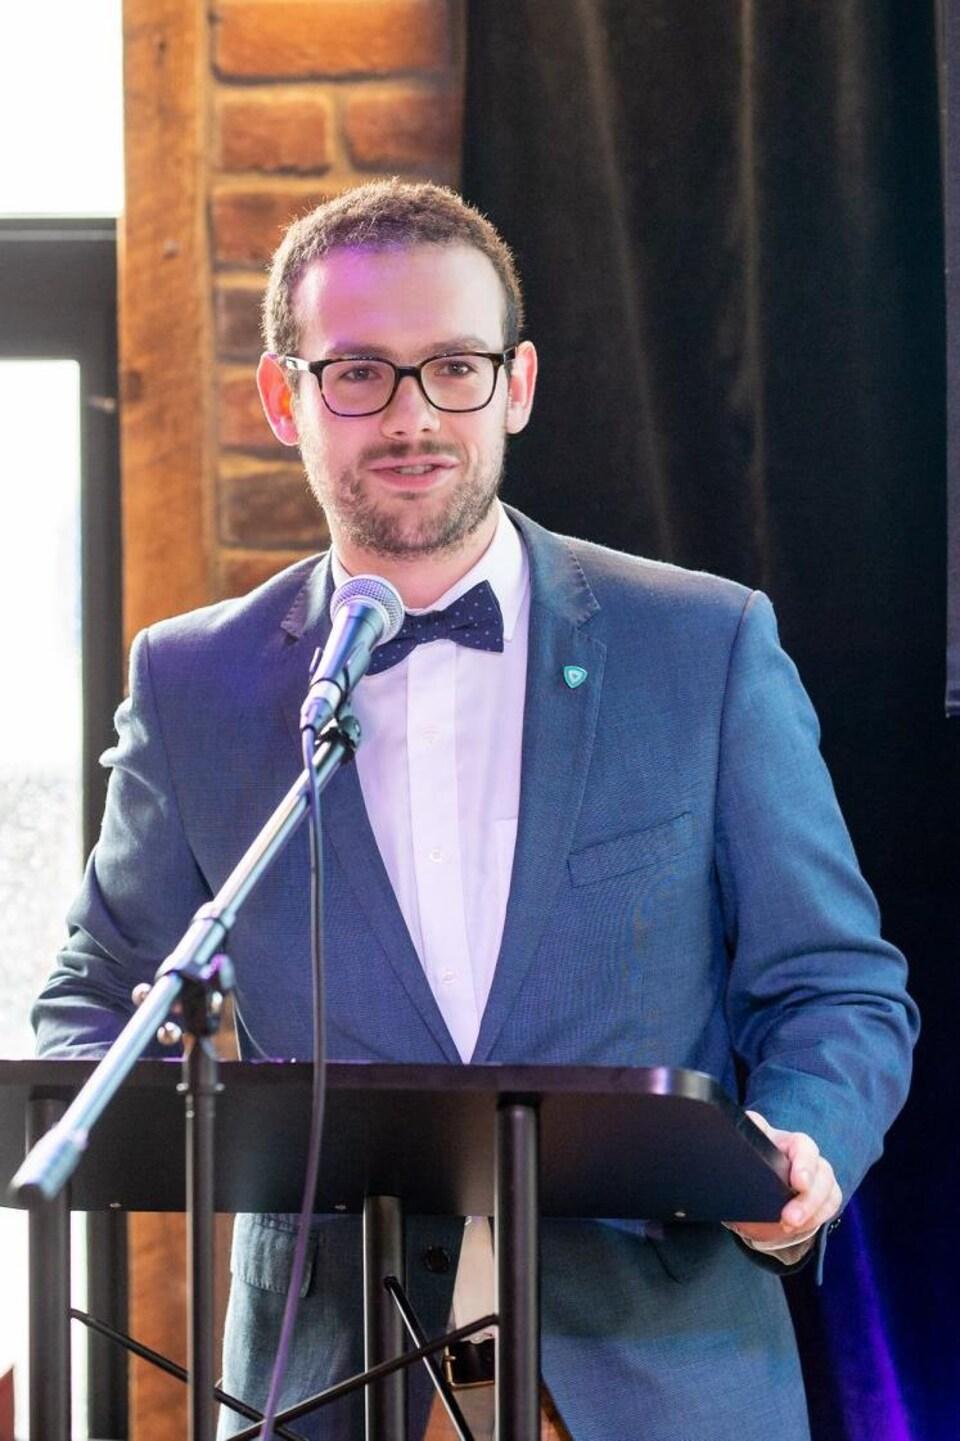 Un homme qui porte un noeud papillon prononce un discours.